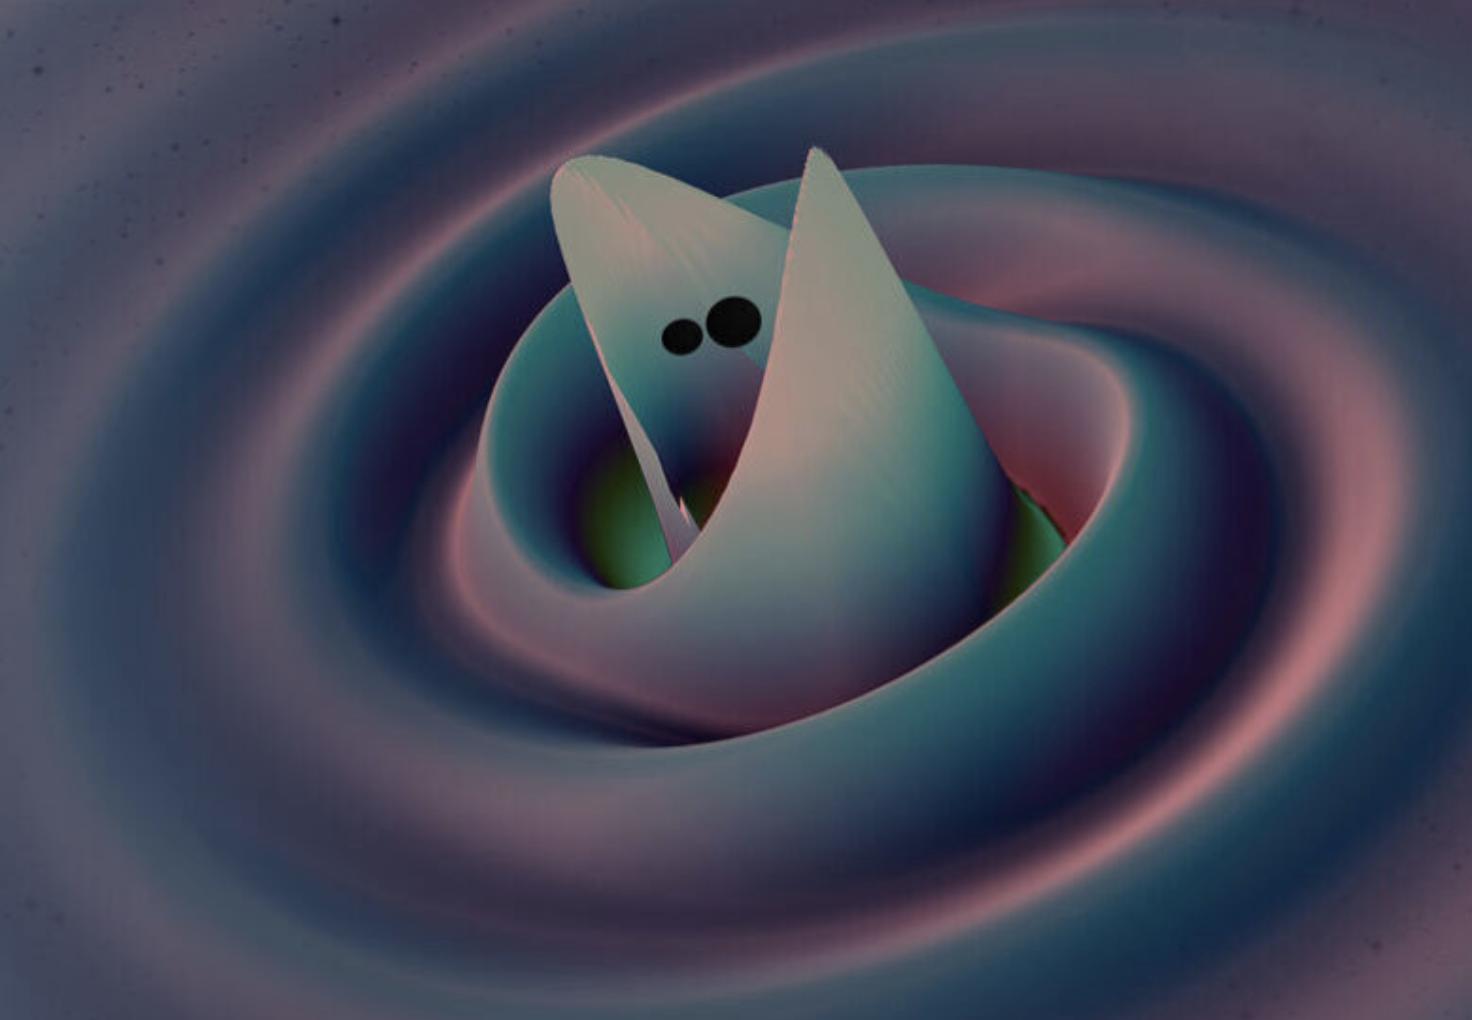 La más masiva detección de ondas gravitacionales revela que existen agujeros negros de masa intermedia